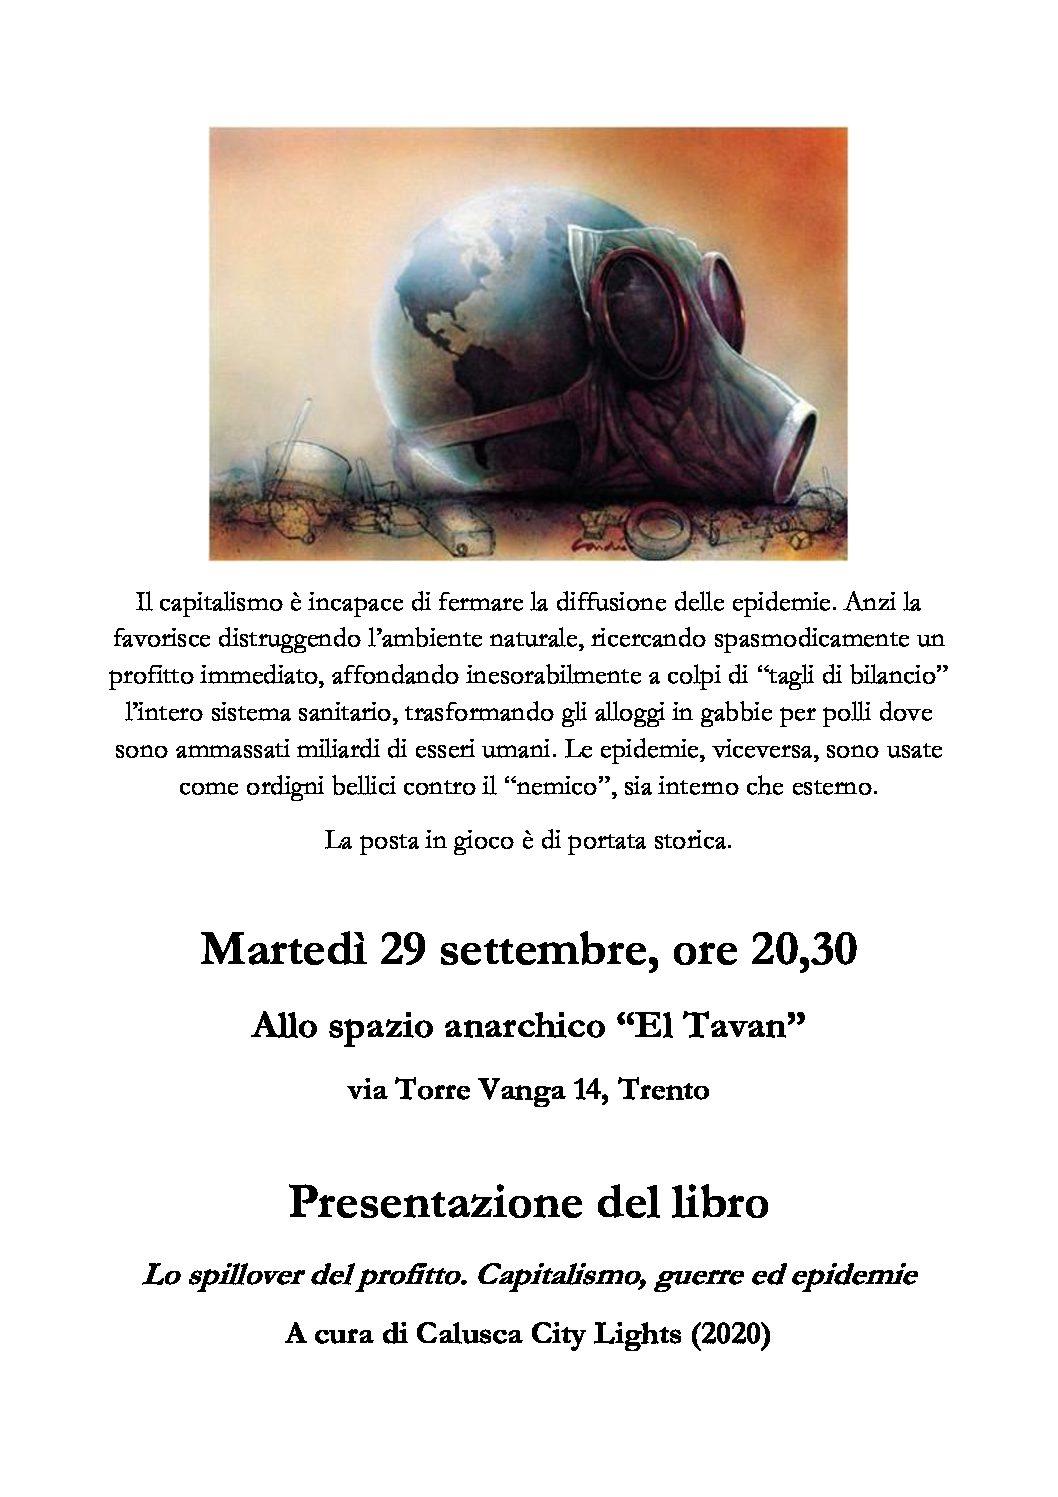 Trento: Presentazione del libro: Lo spillover del profitto. Capitalismo, guerre ed epidemie